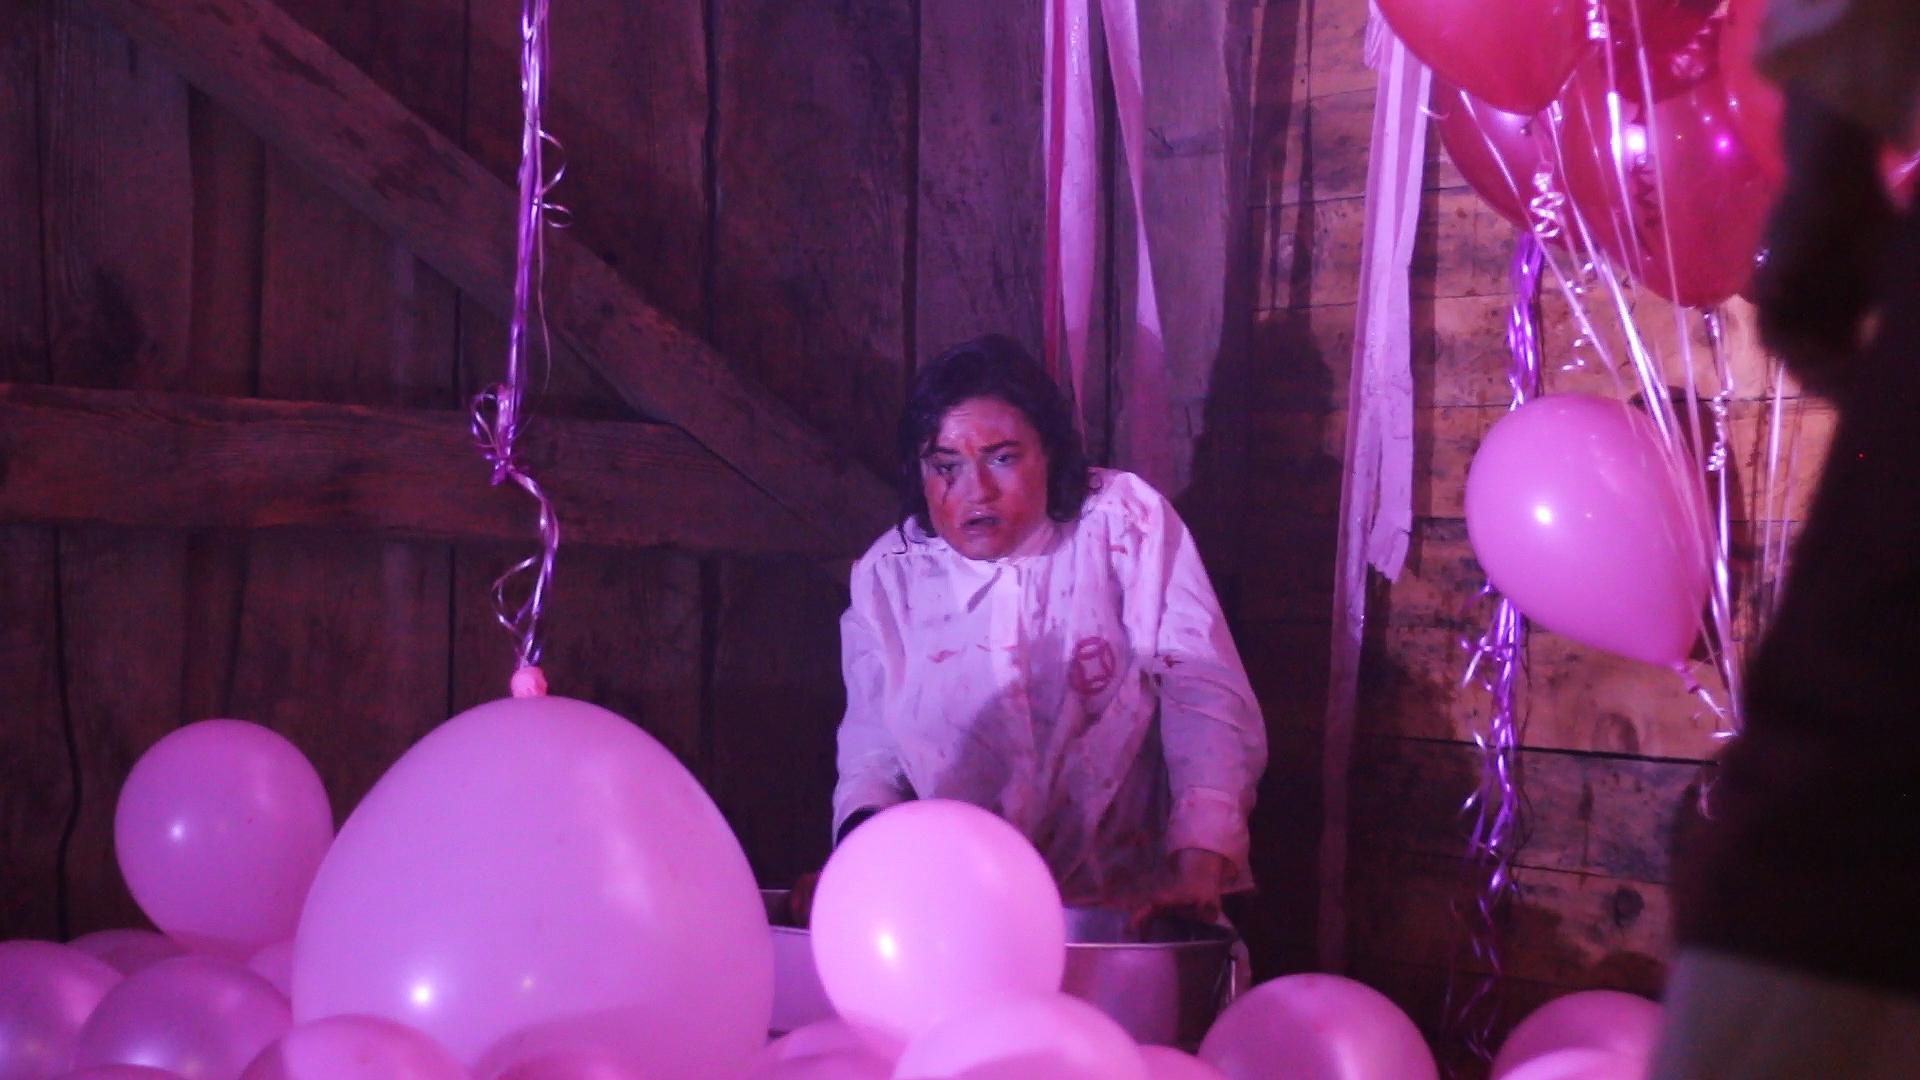 haunted house still 3.jpg